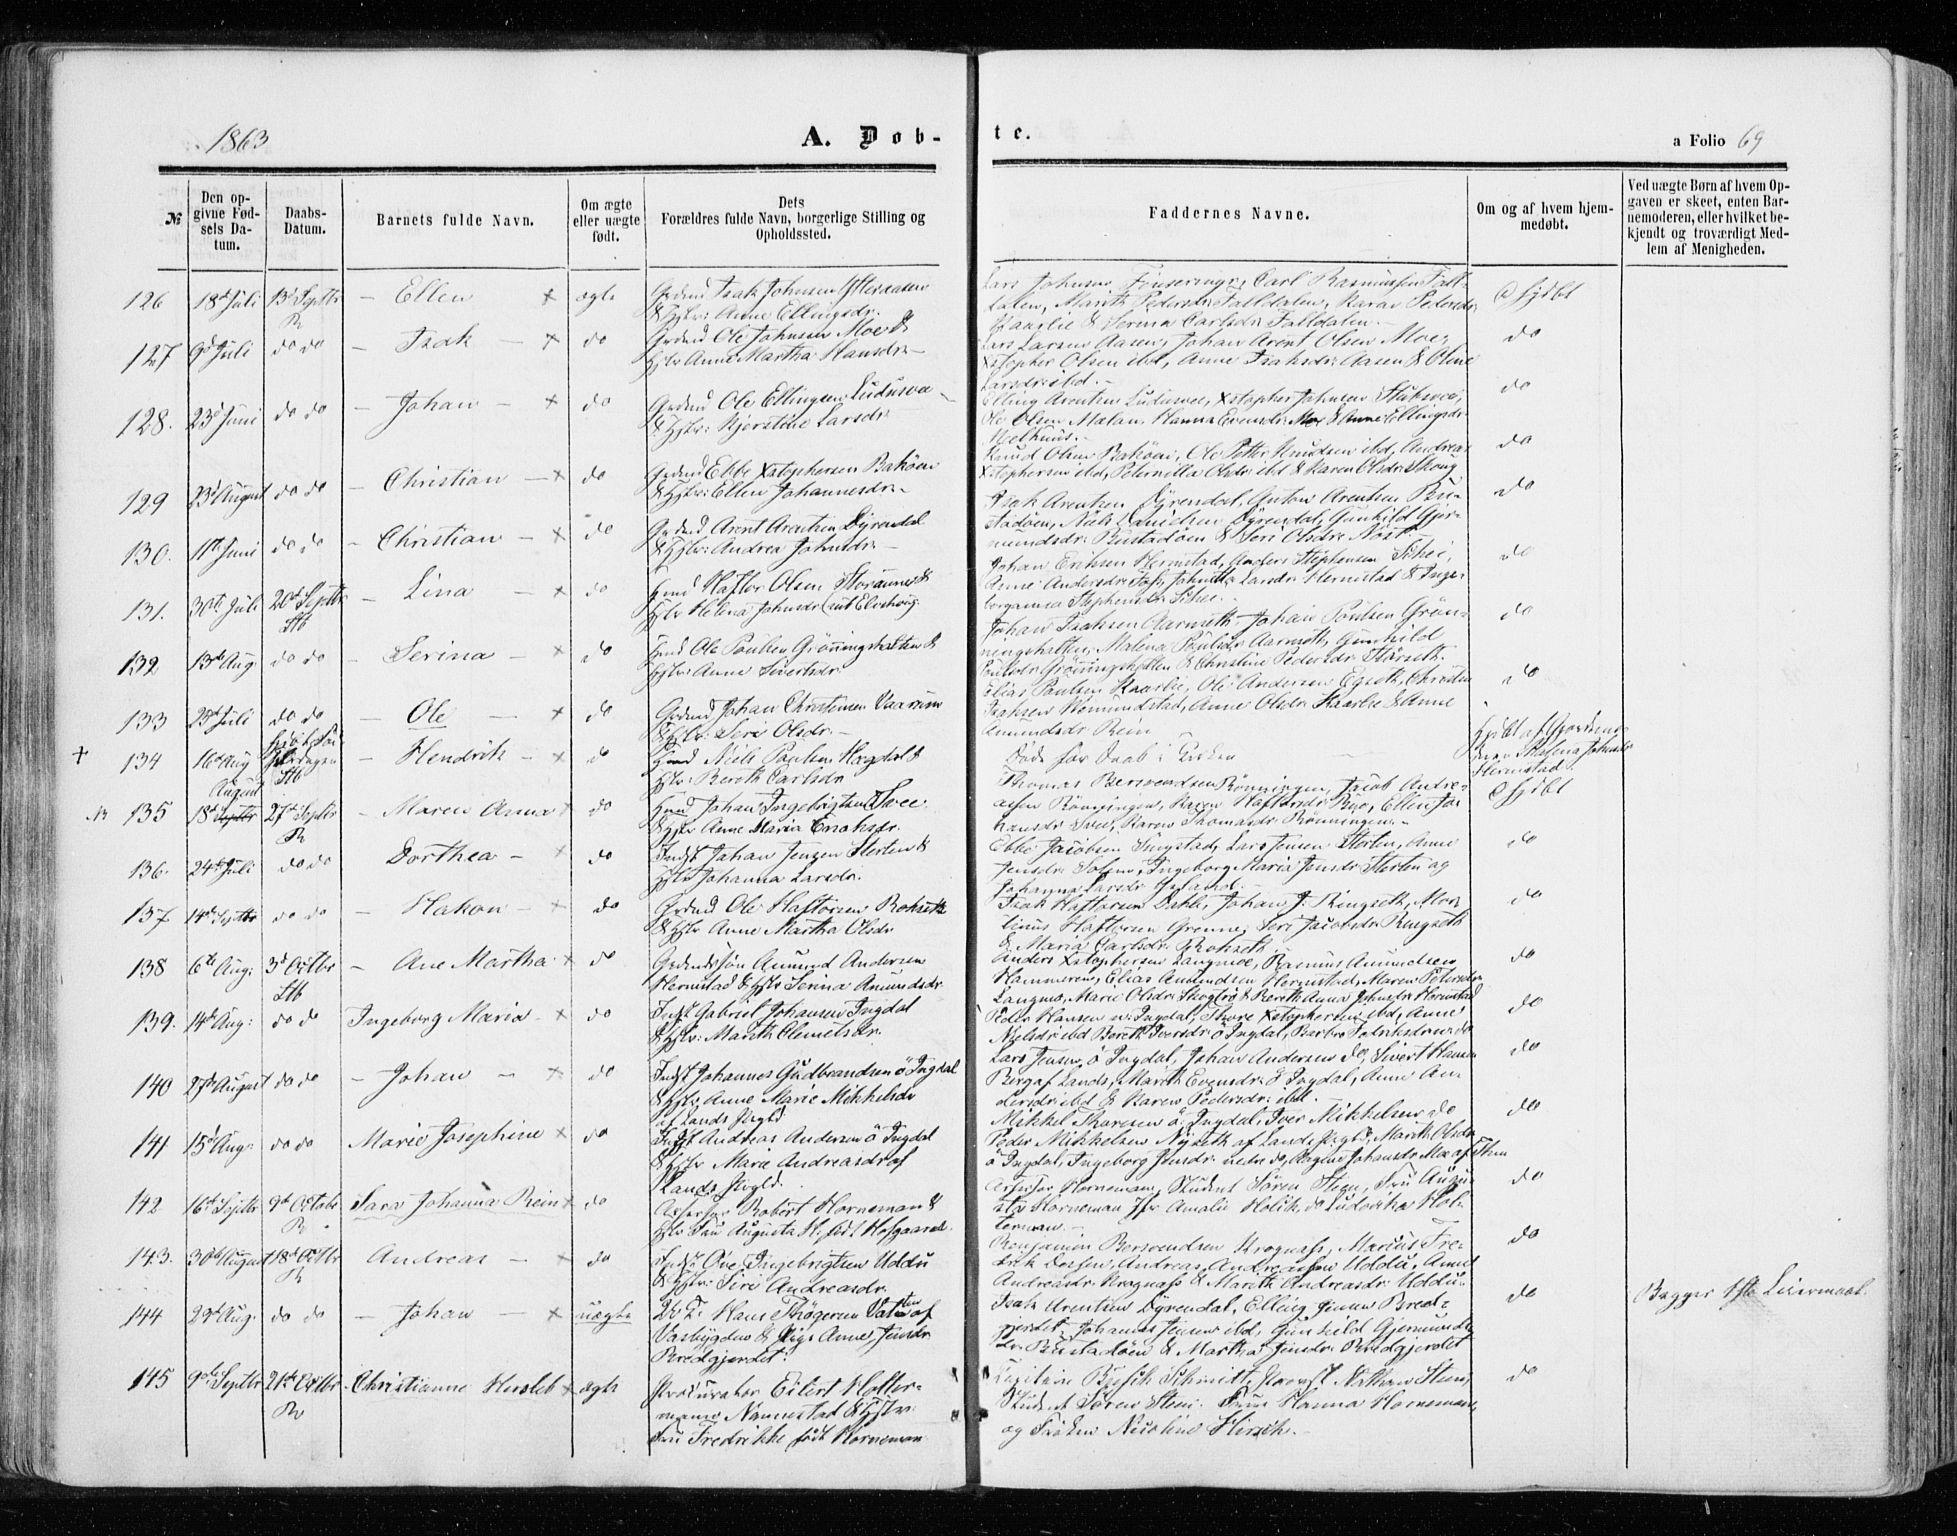 SAT, Ministerialprotokoller, klokkerbøker og fødselsregistre - Sør-Trøndelag, 646/L0612: Ministerialbok nr. 646A10, 1858-1869, s. 69